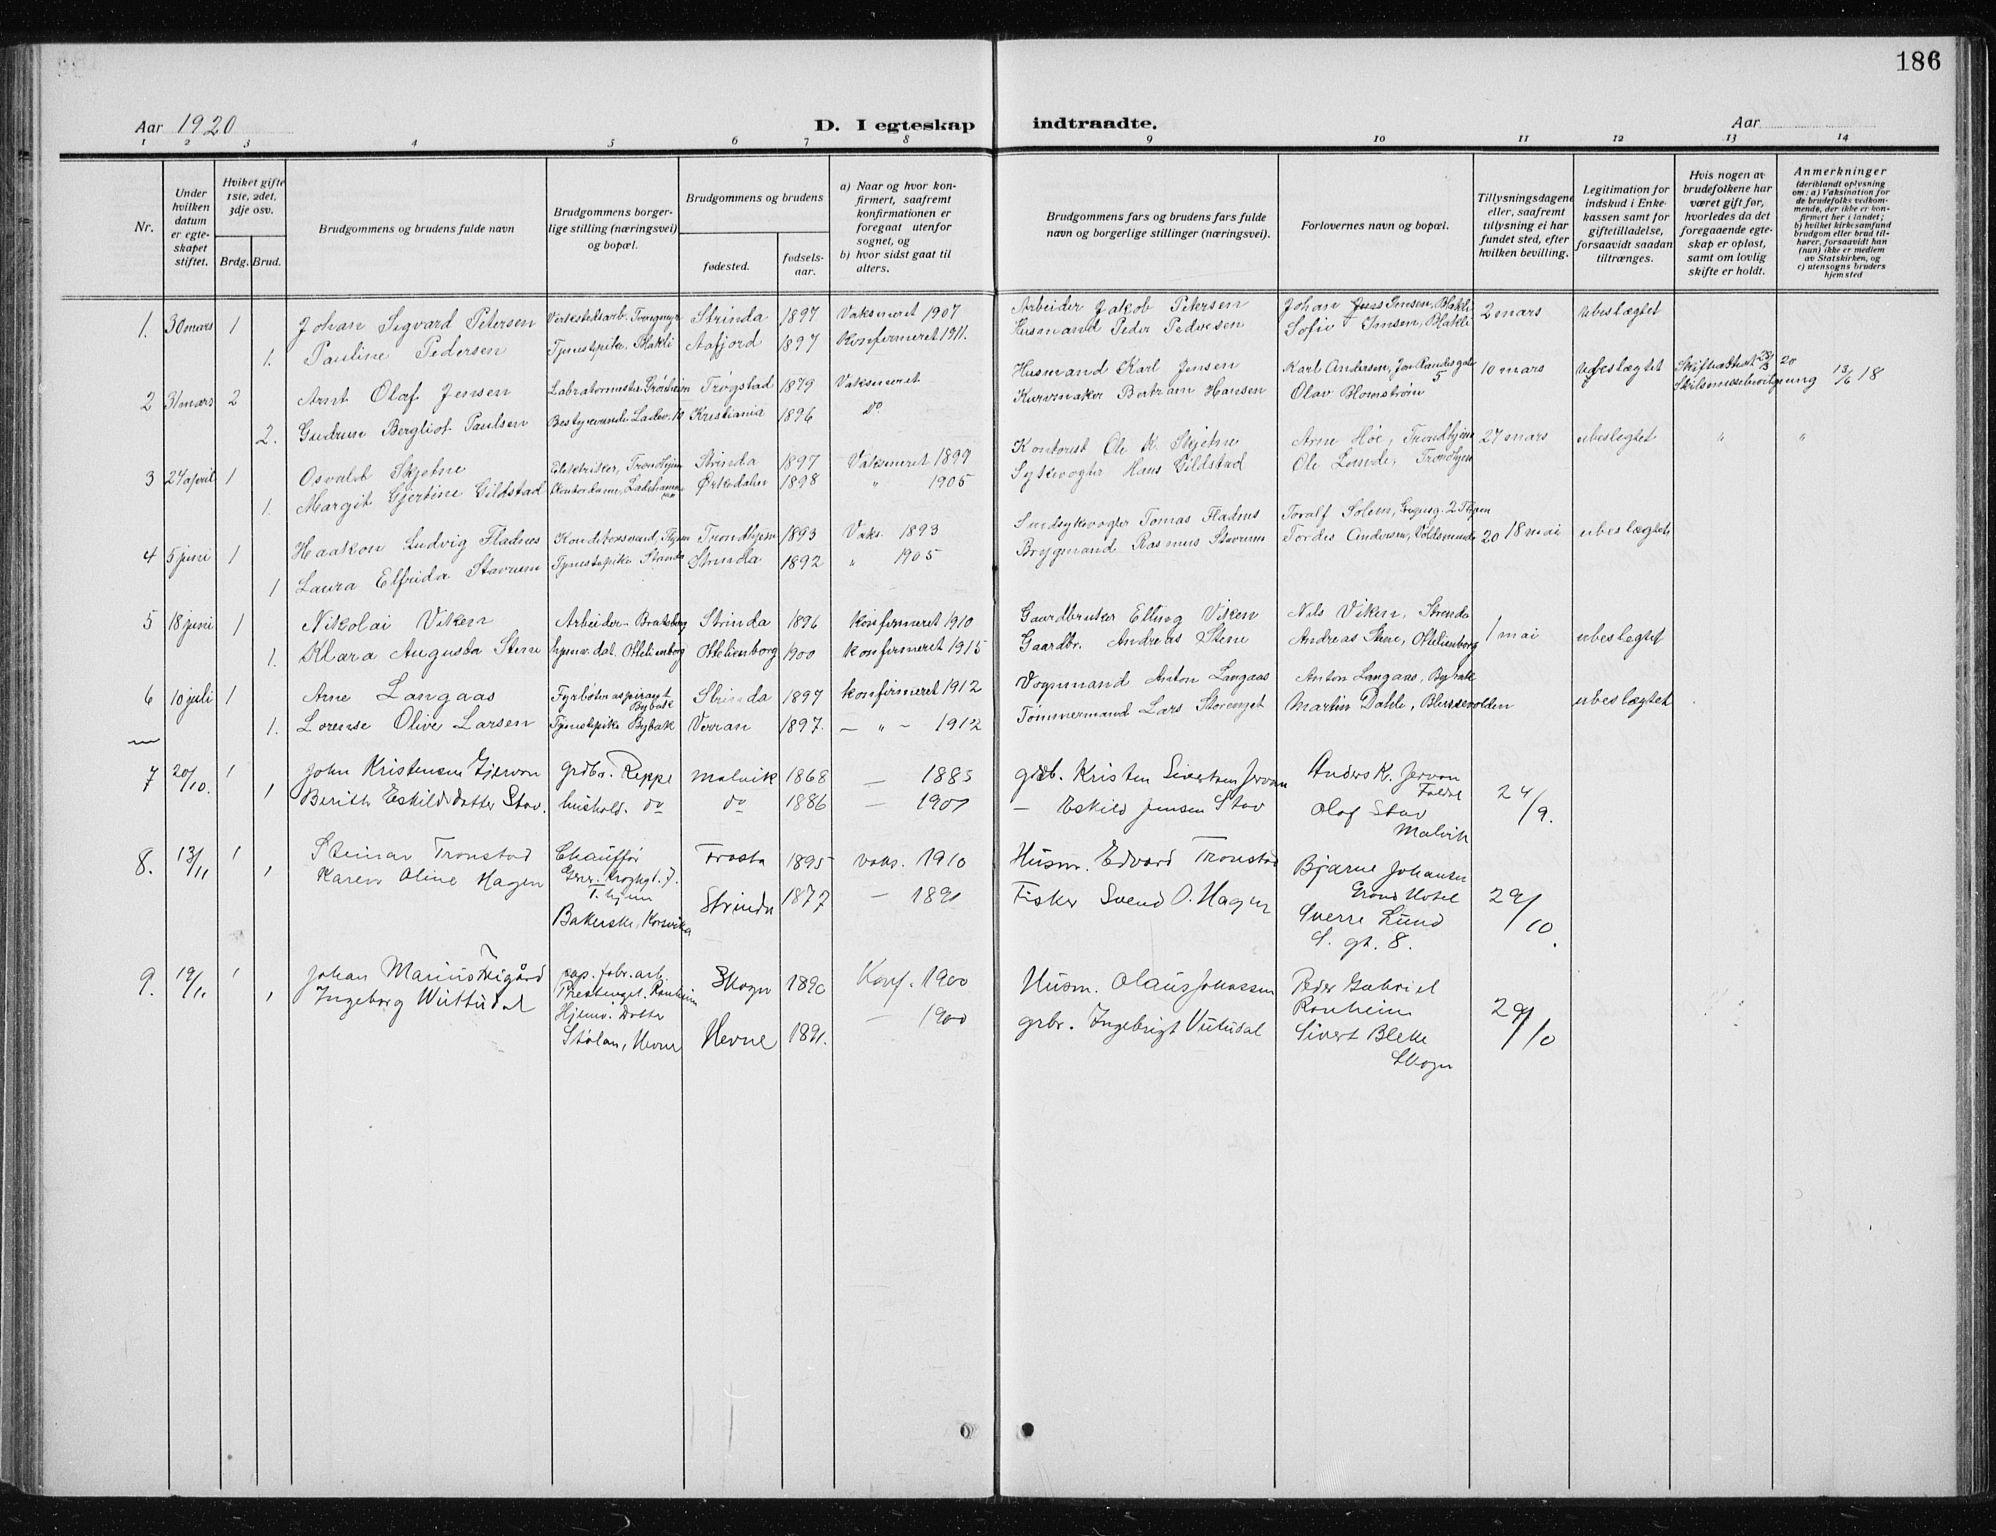 SAT, Ministerialprotokoller, klokkerbøker og fødselsregistre - Sør-Trøndelag, 606/L0314: Klokkerbok nr. 606C10, 1911-1937, s. 186